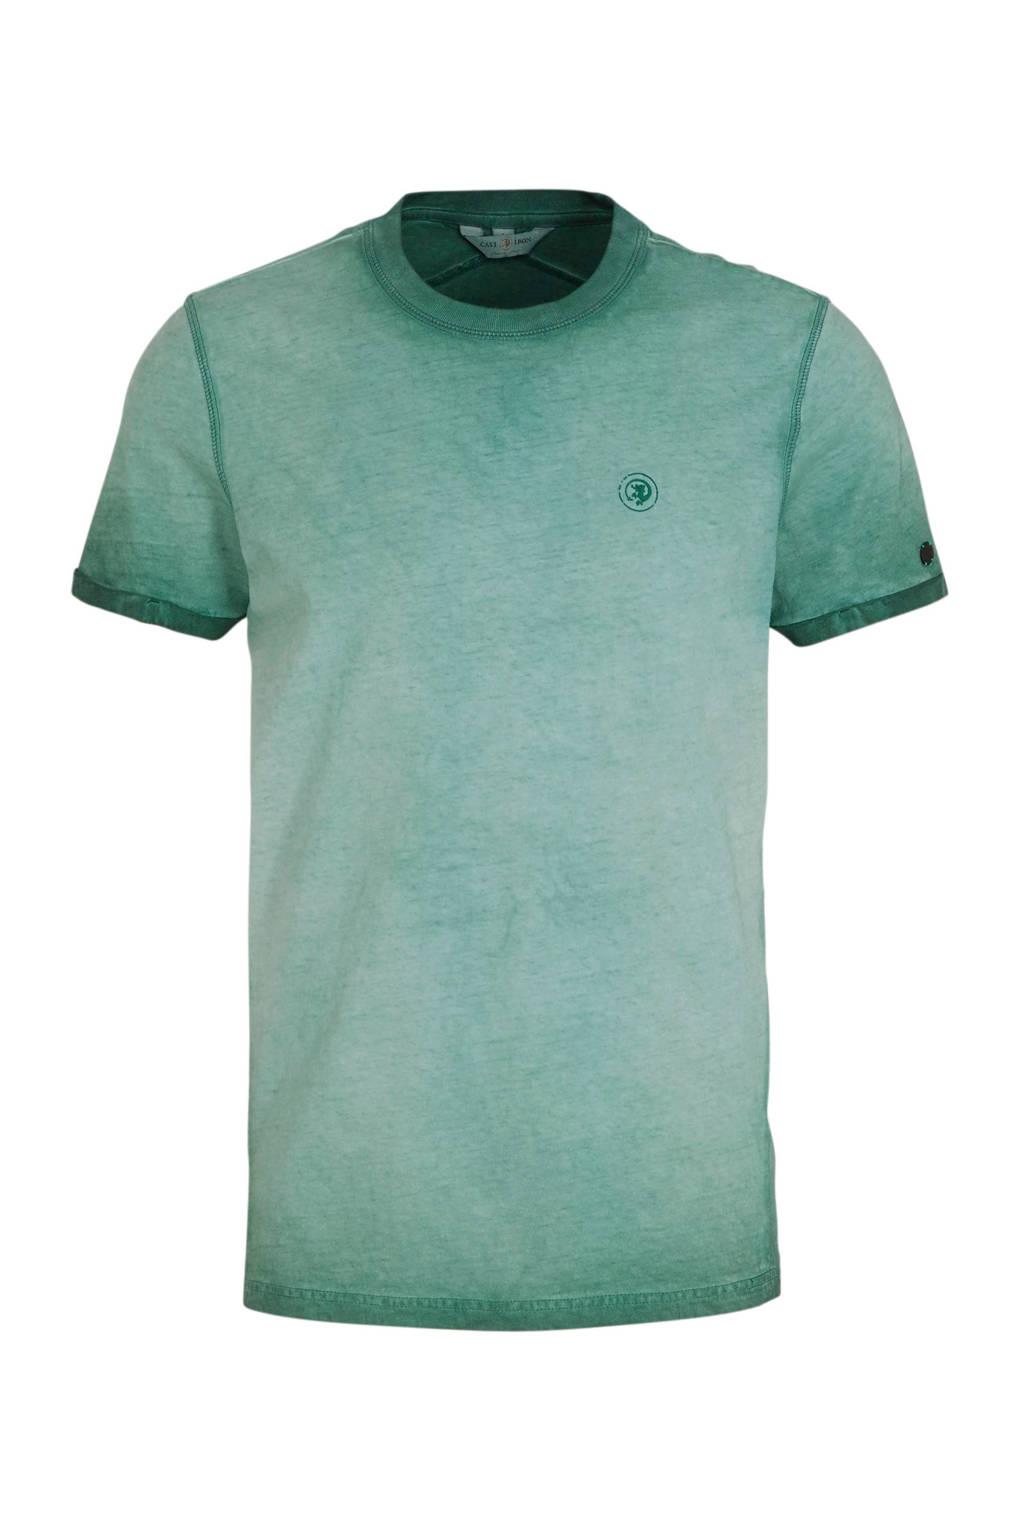 Cast Iron T-shirt groen, Groen